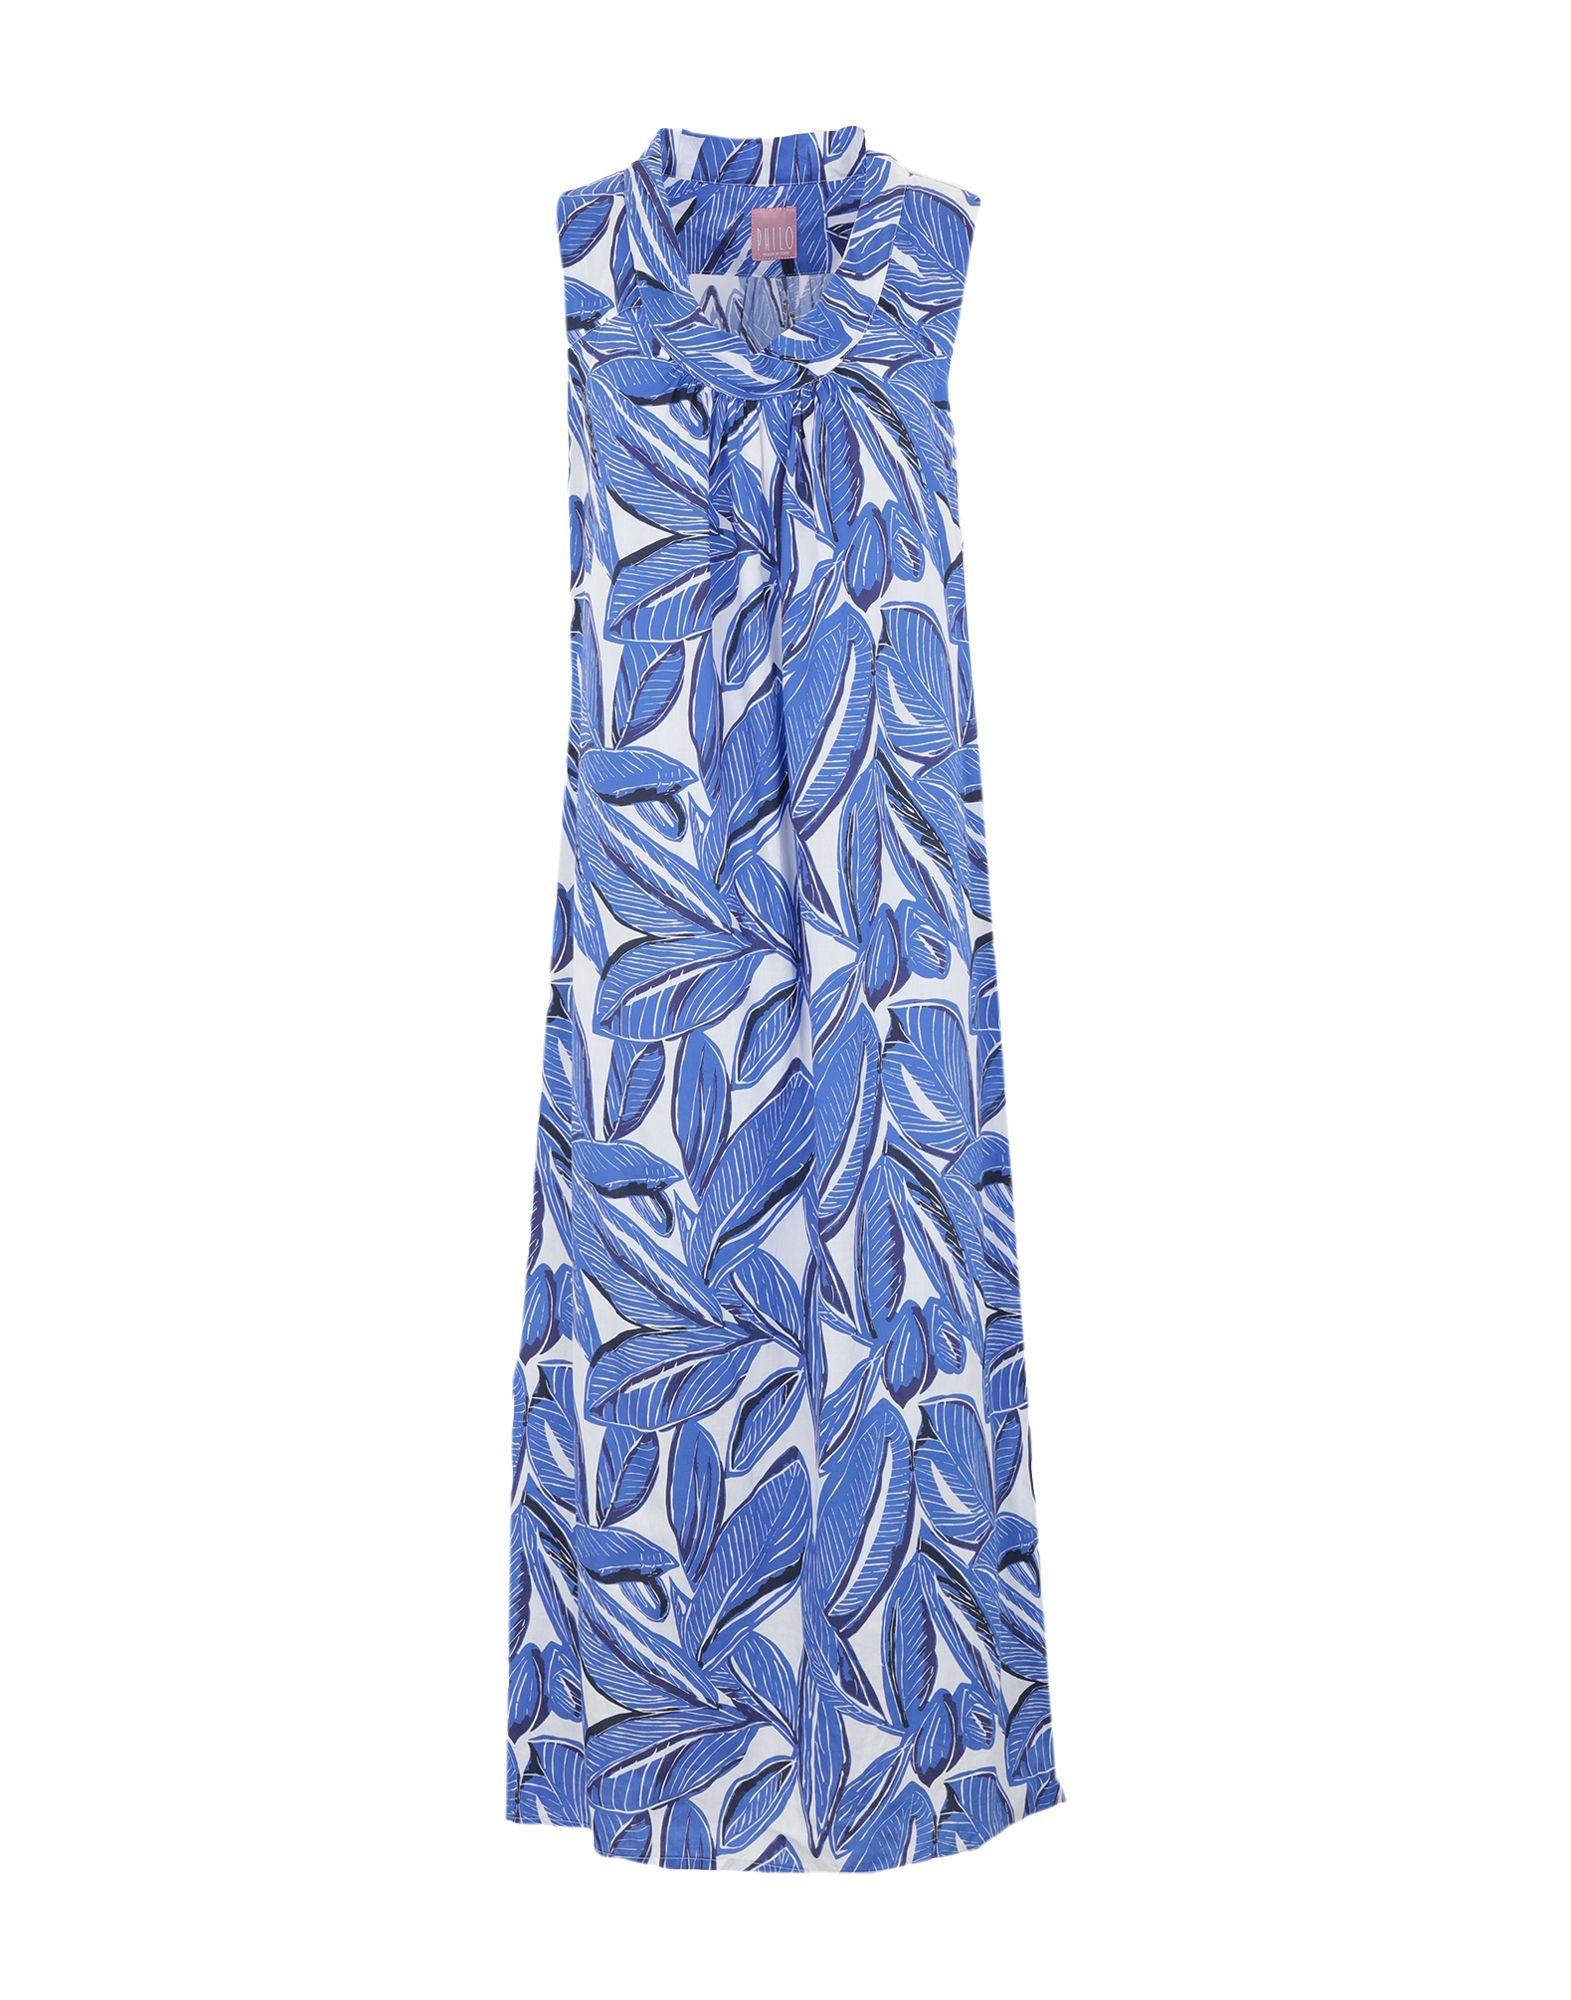 PHILO MODA Платье длиной 3/4 платье status moda цвет черный page 4